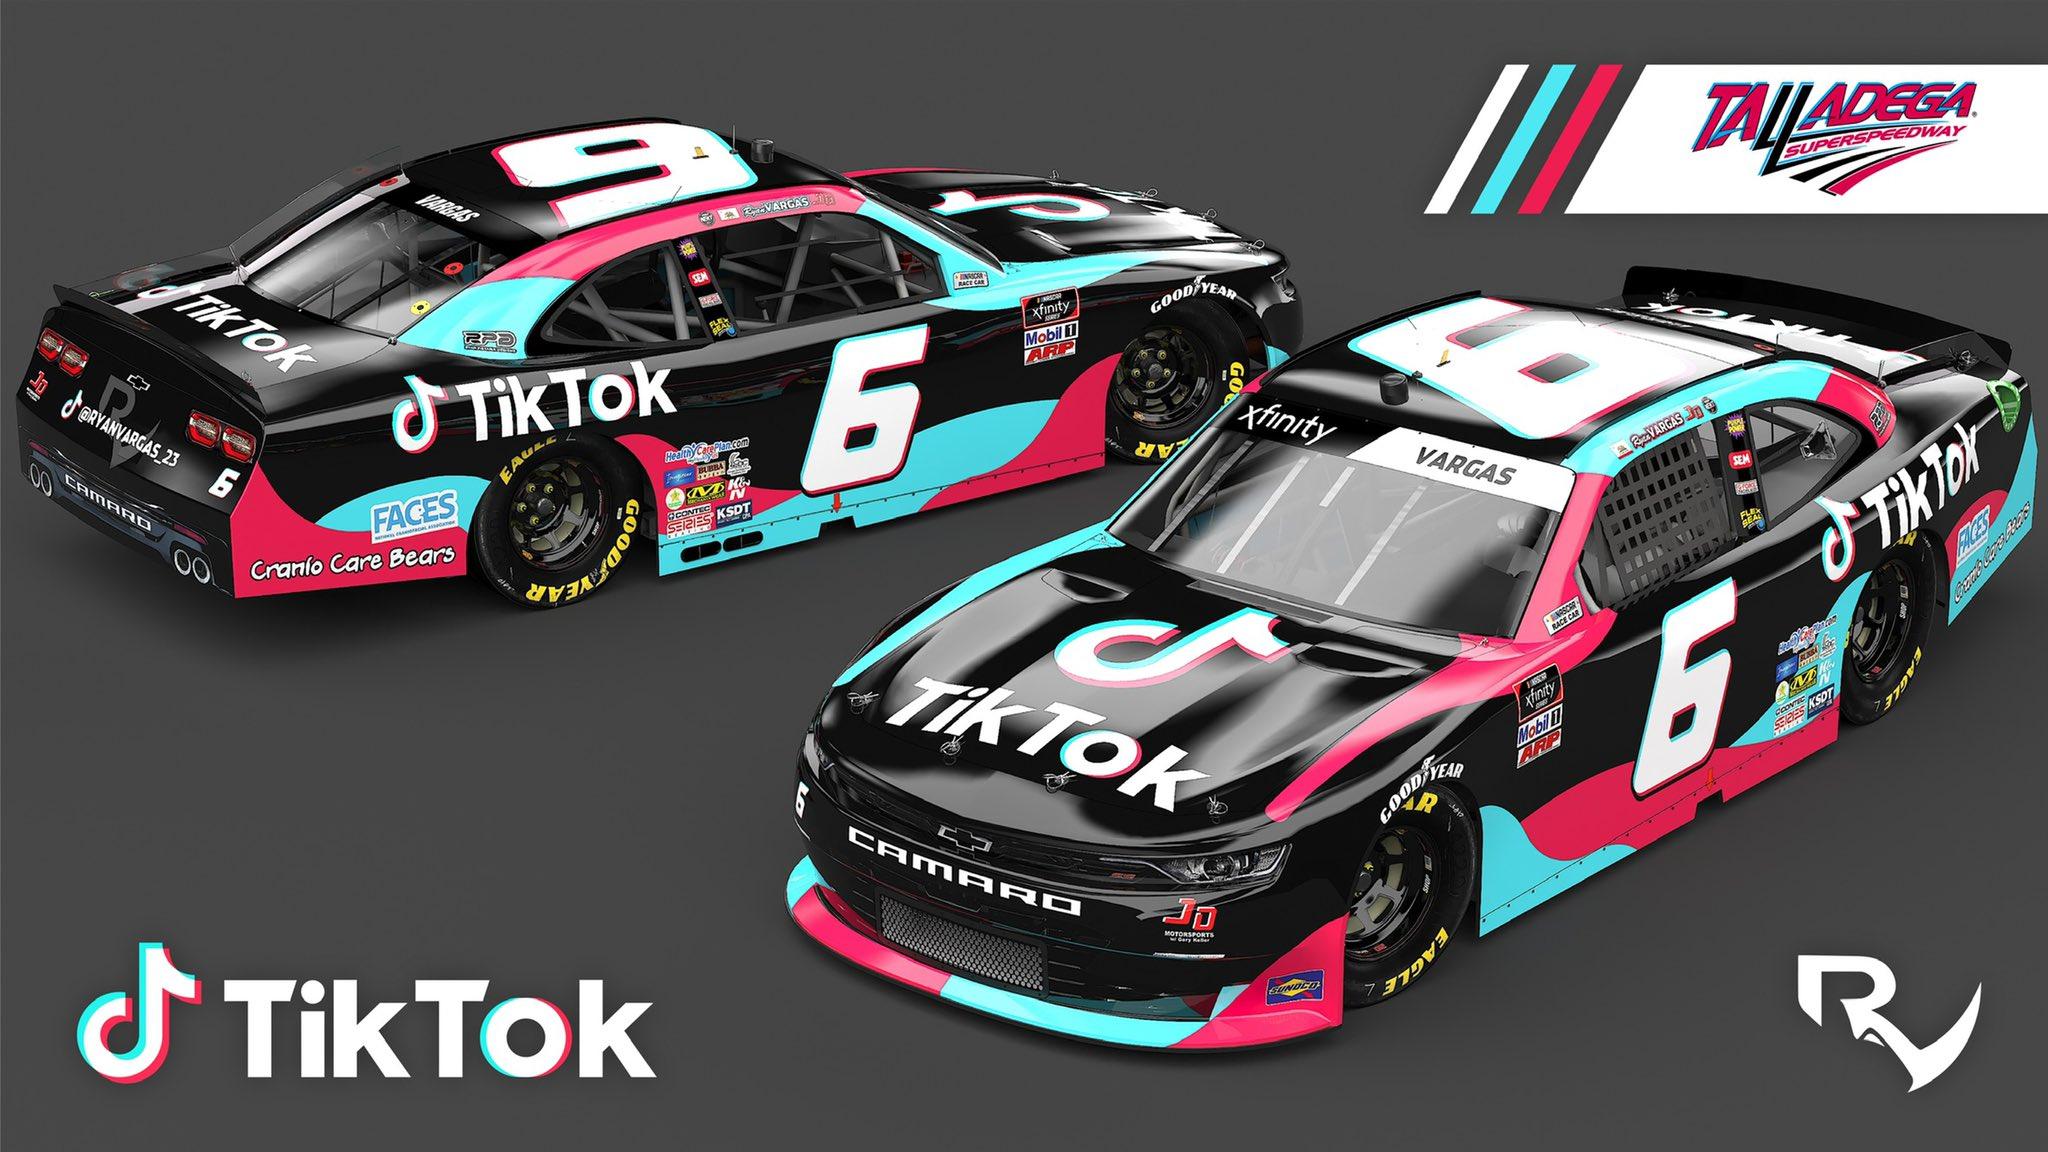 TikTok - NASCAR sponsorship